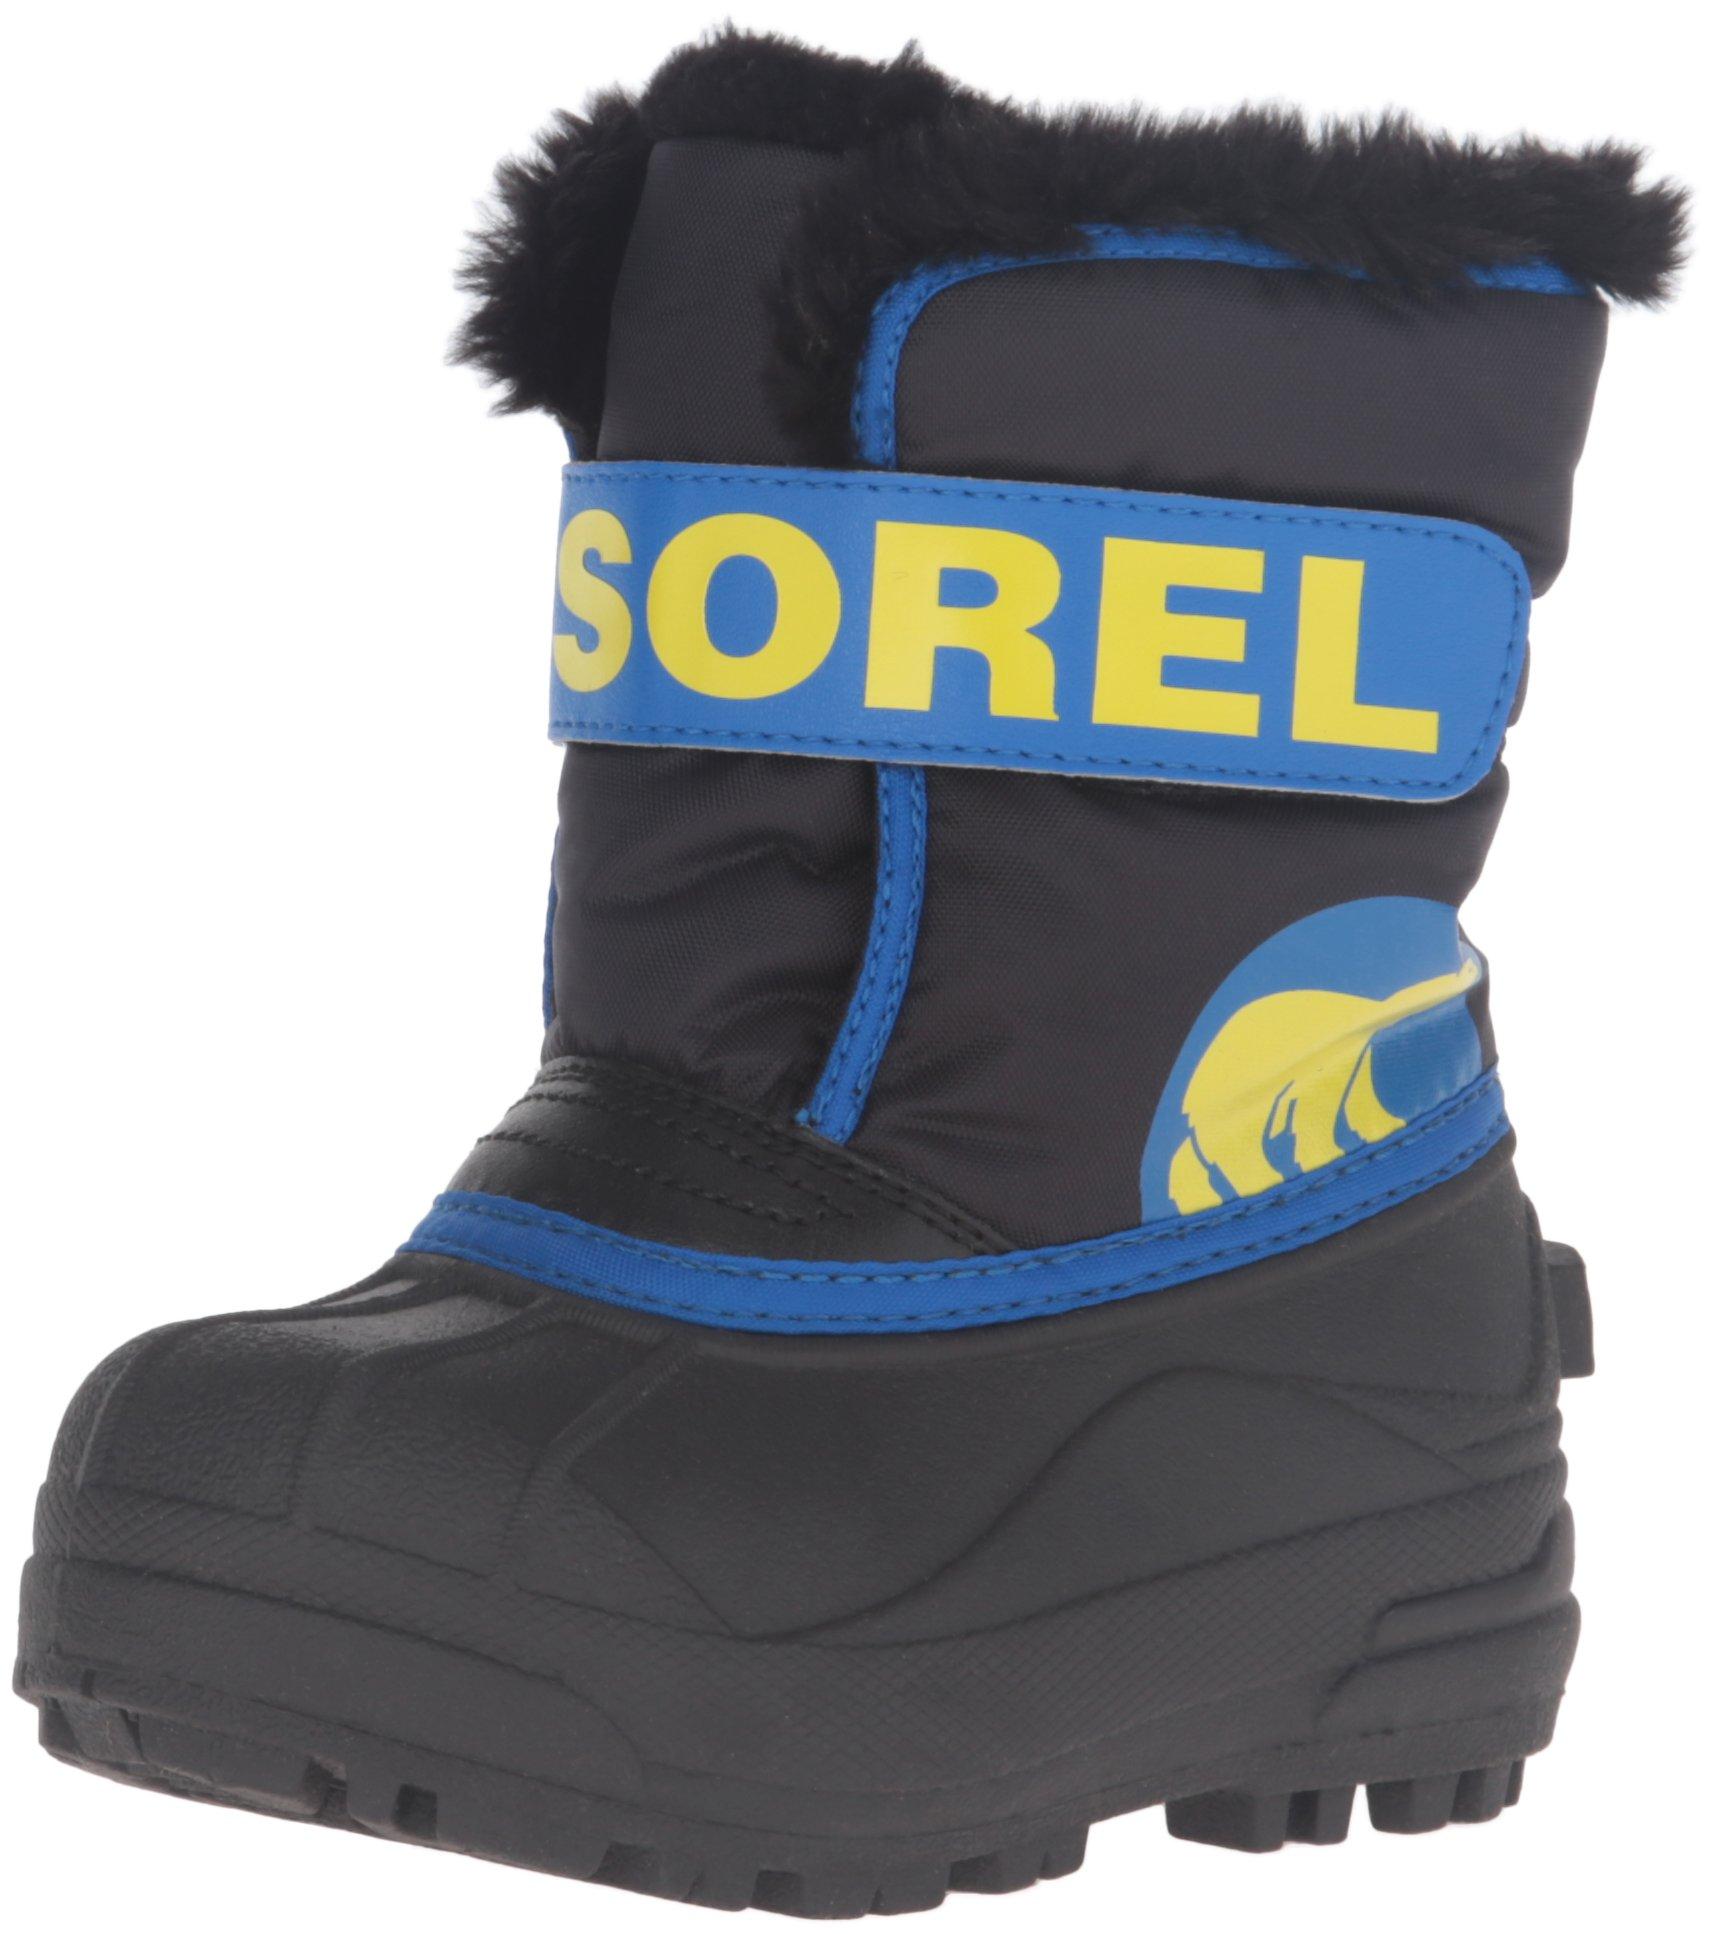 SOREL Commander-K Snow Boot, Black/Super Blue,7 M US Toddler